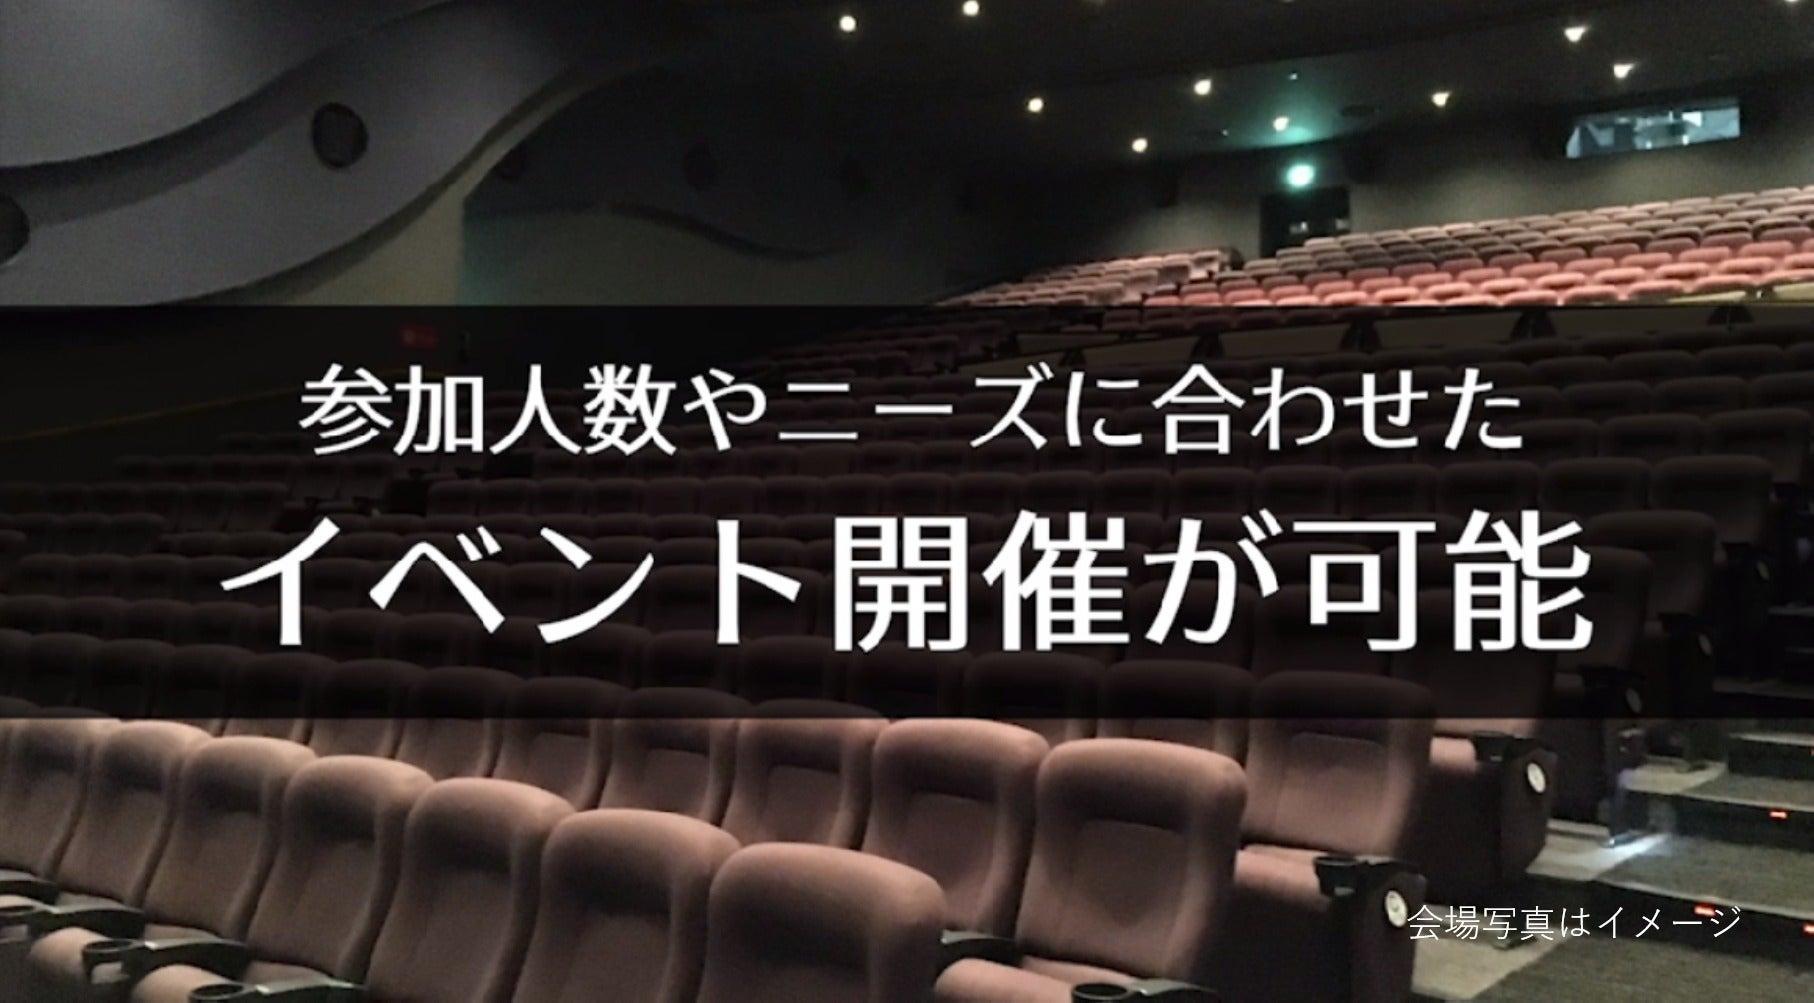 【金沢 218席】映画館で、会社説明会、株主総会、講演会の企画はいかがですか?(ユナイテッド・シネマ金沢) の写真0